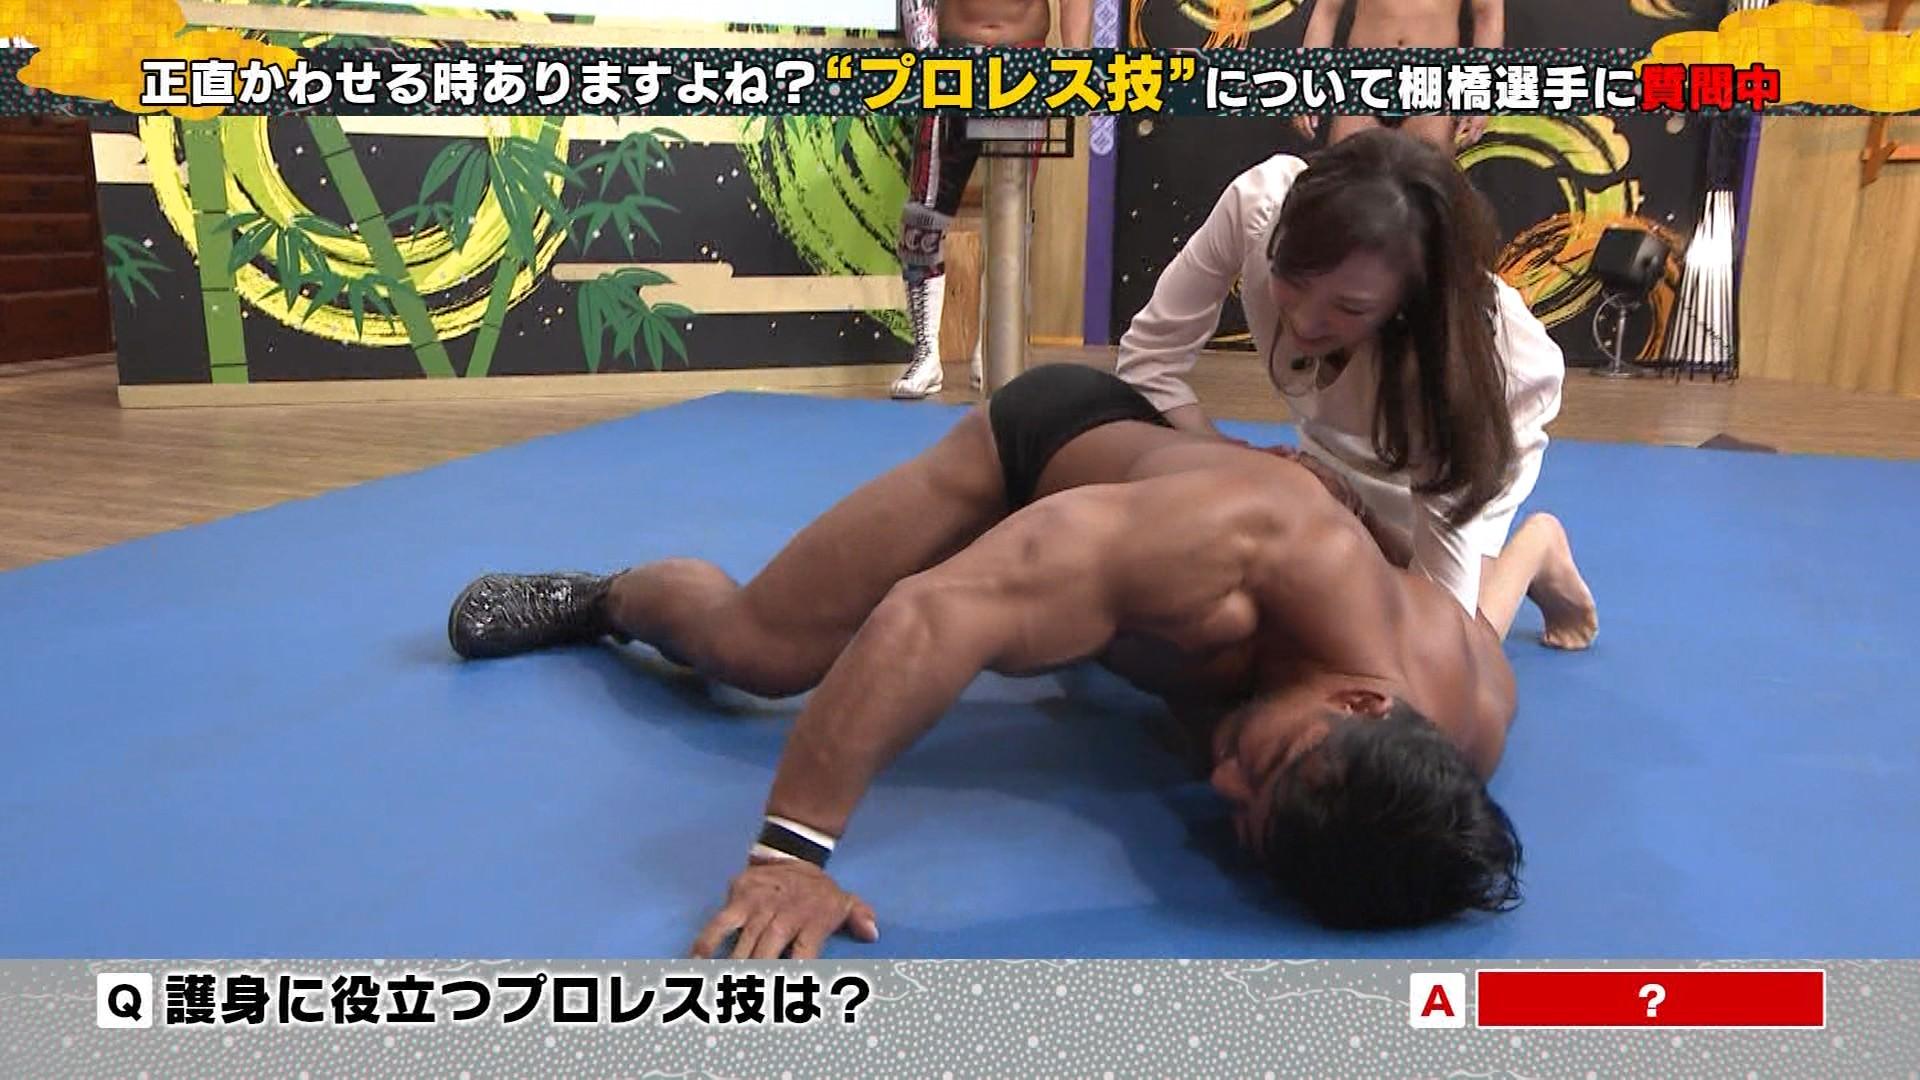 森本智子アナがプロレス技に挑戦して胸元パックリ!!